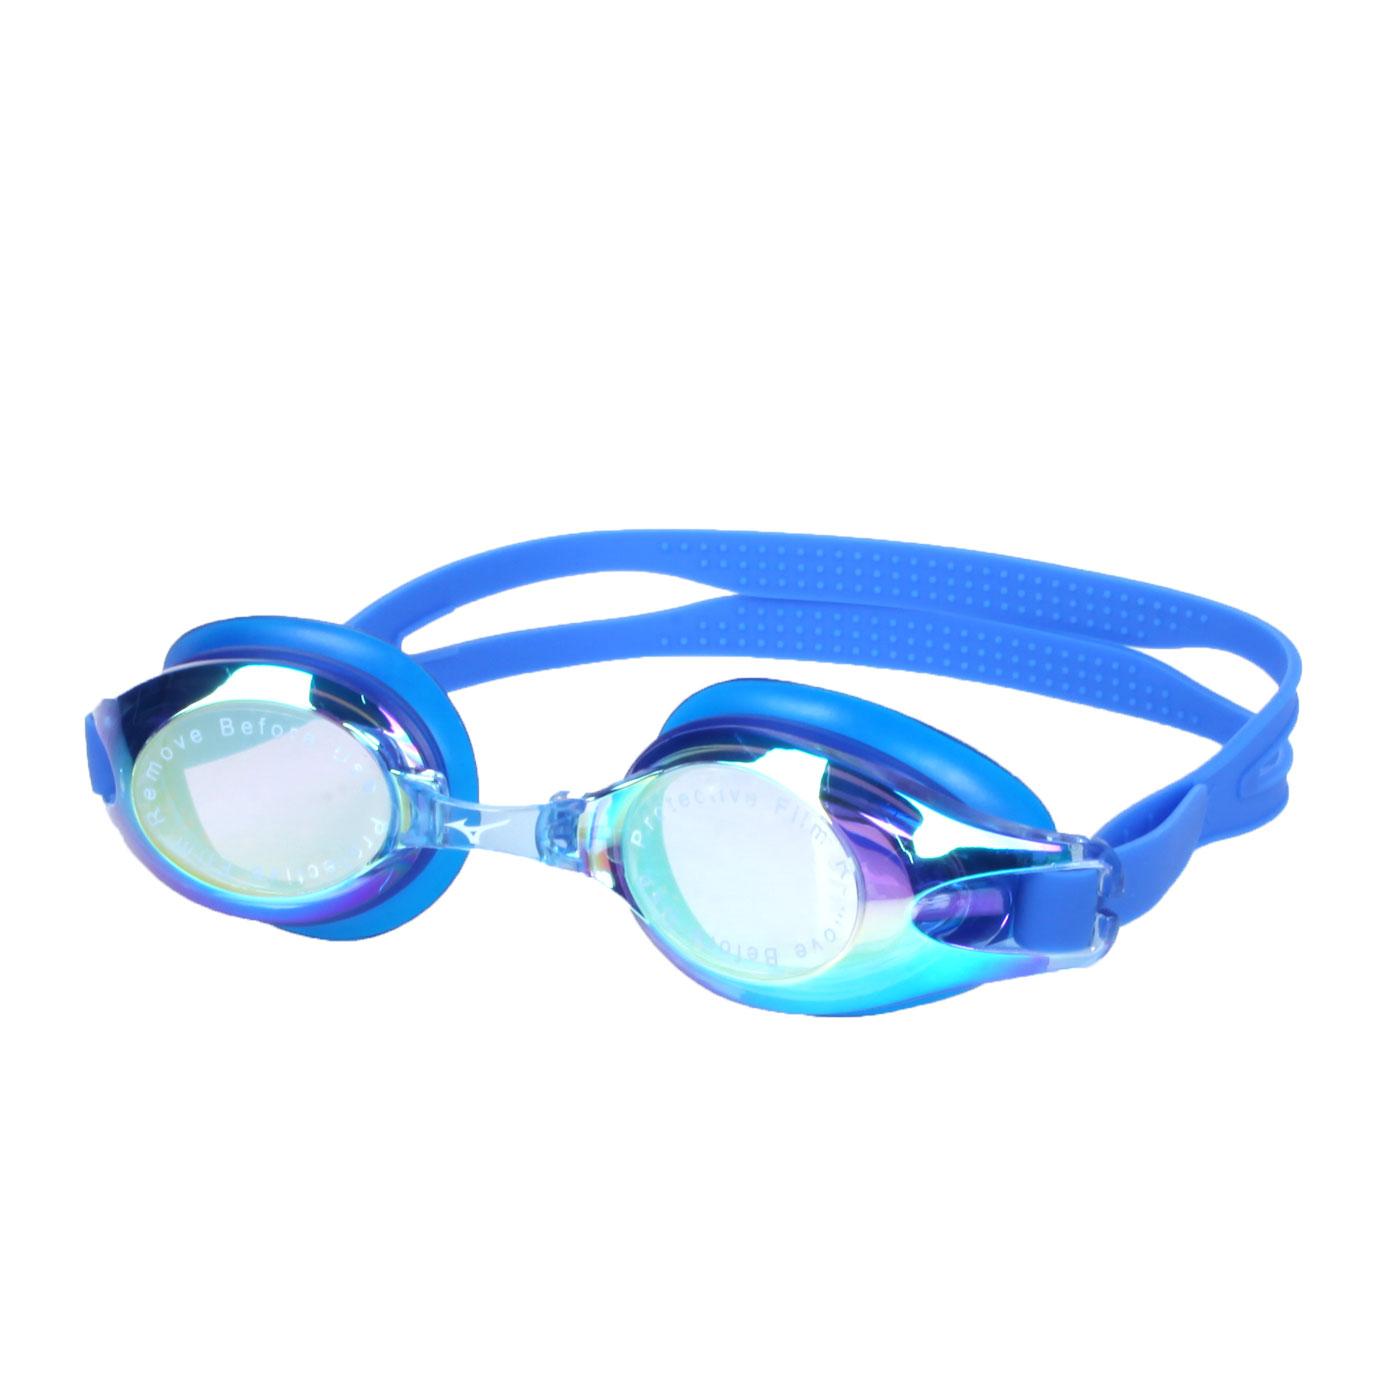 MIZUNO 泳鏡  SWIMN3TE702100-09 - 藍